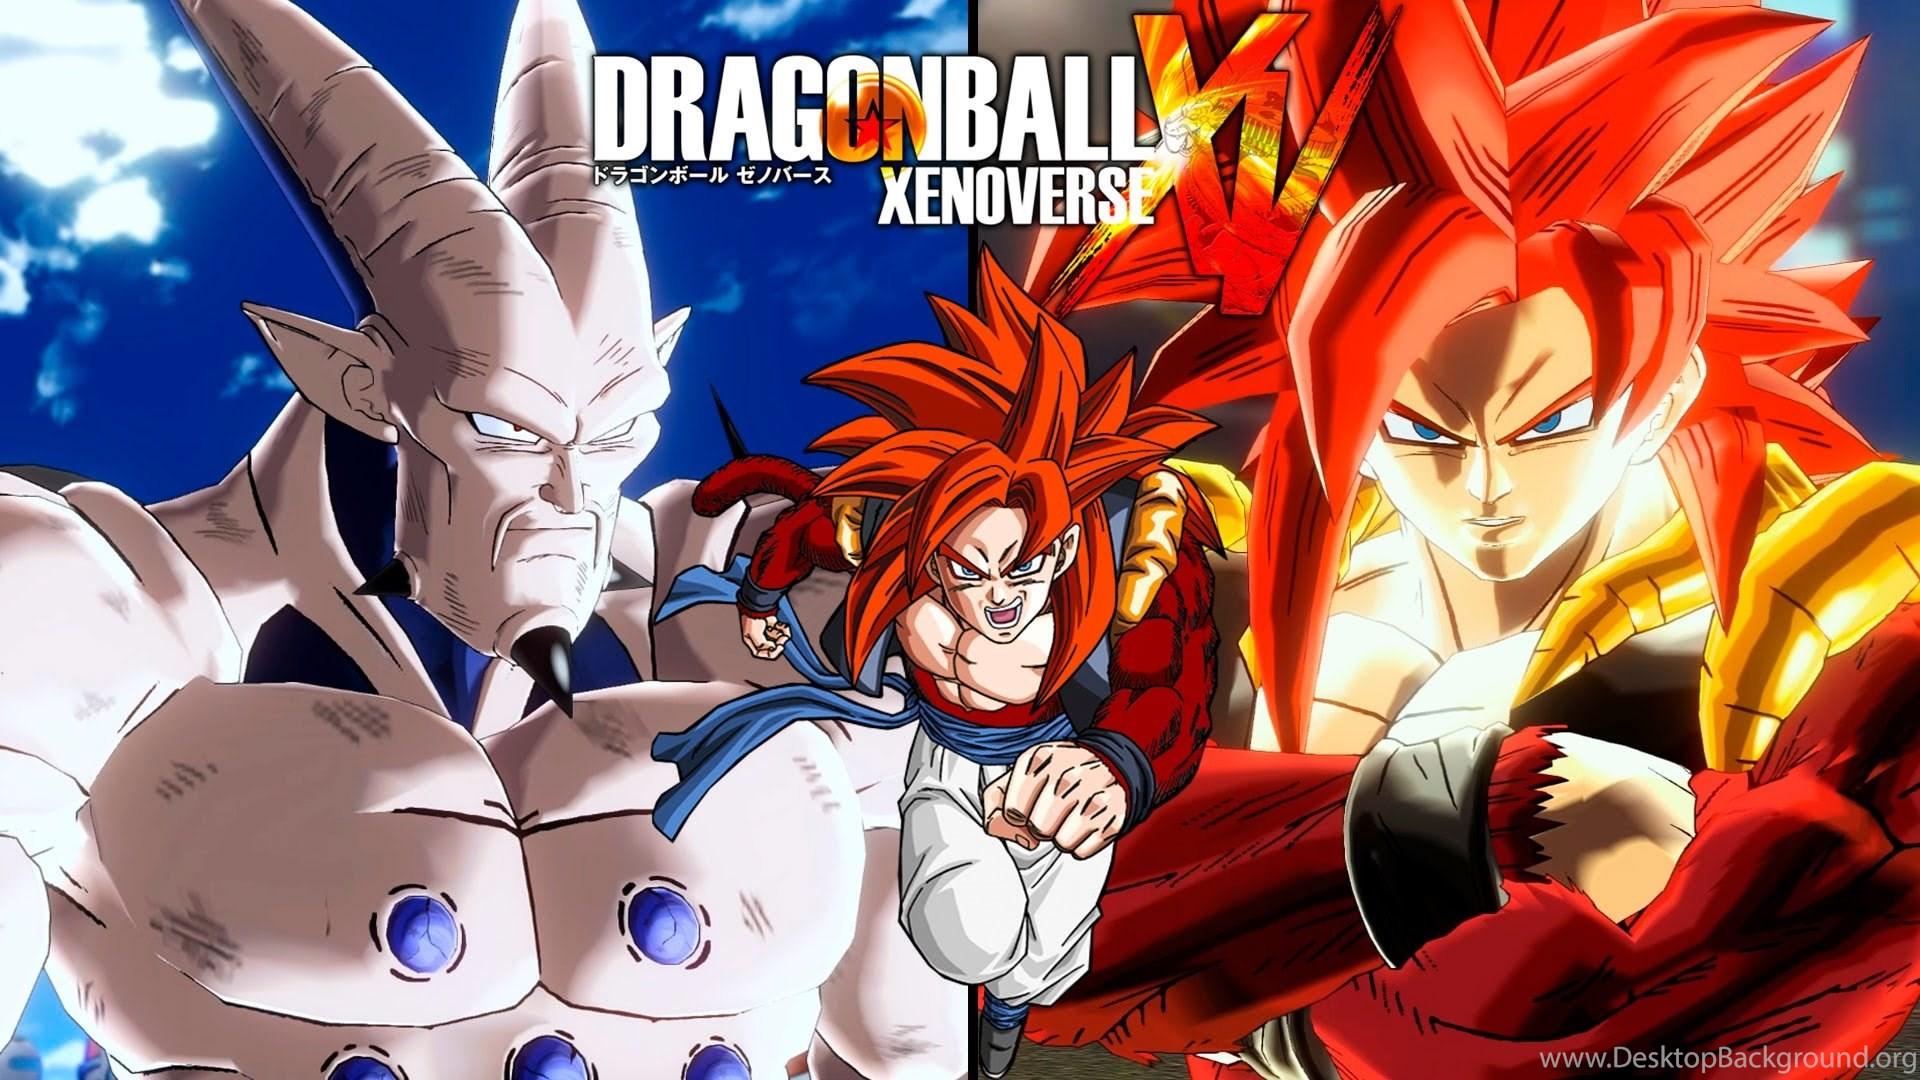 Dragon Ball Xenoverse Super Saiyan 4 Gogeta Ssj4 Vs Omega